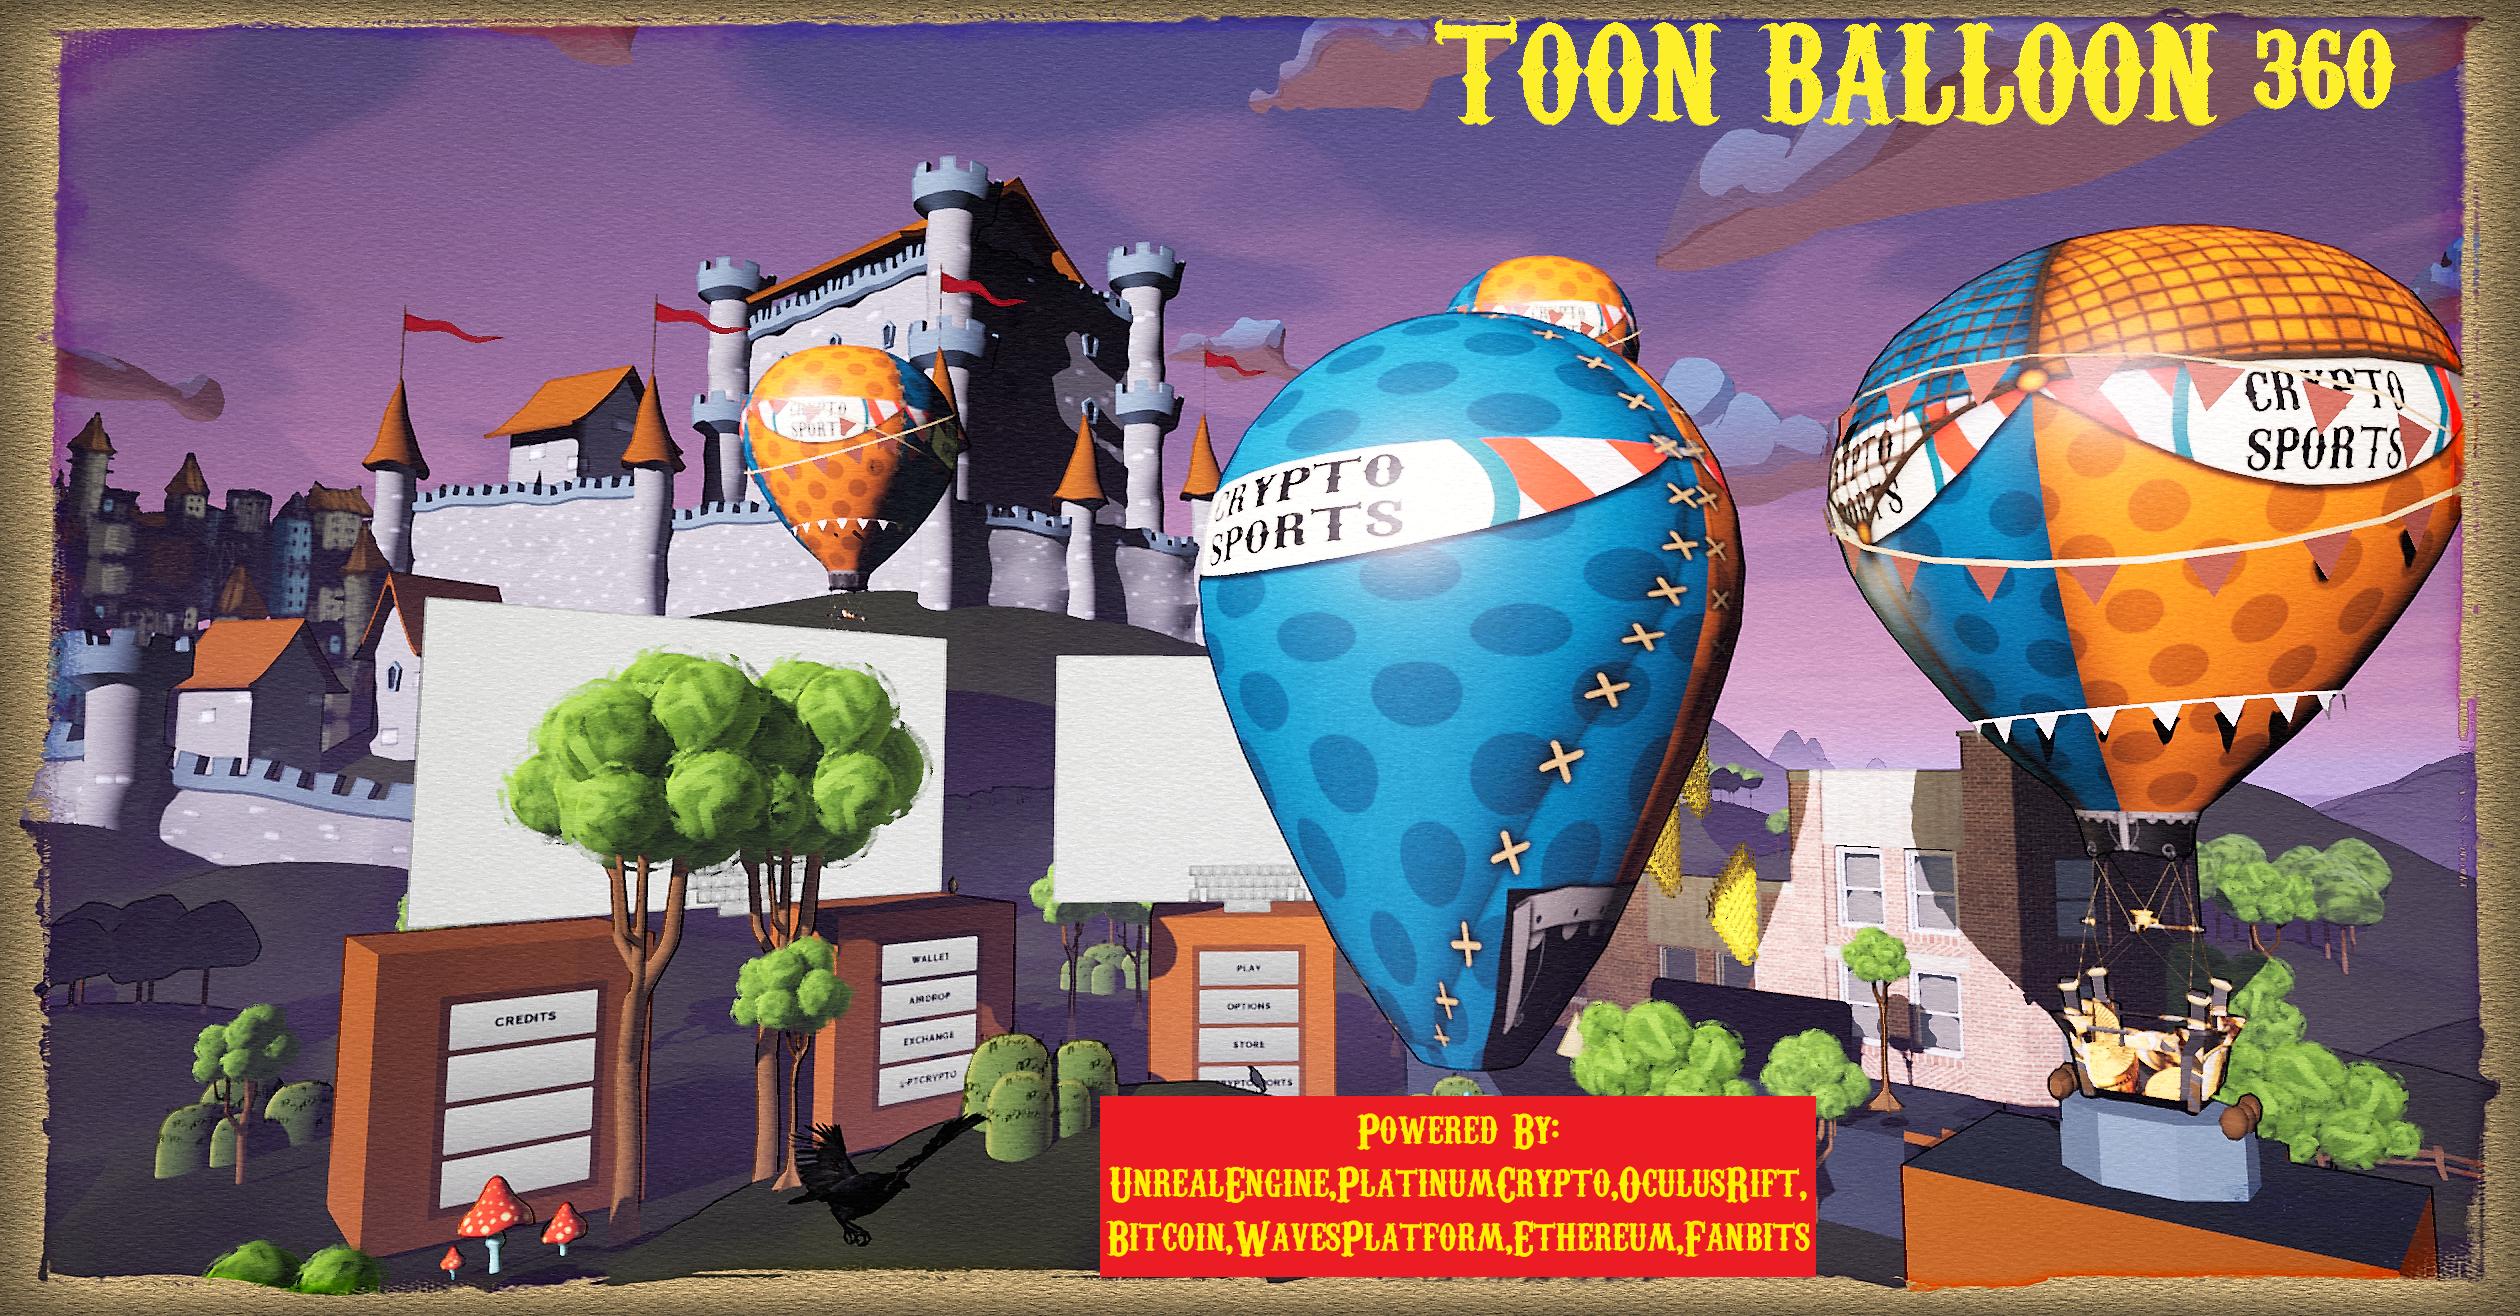 Toon Balloon 360